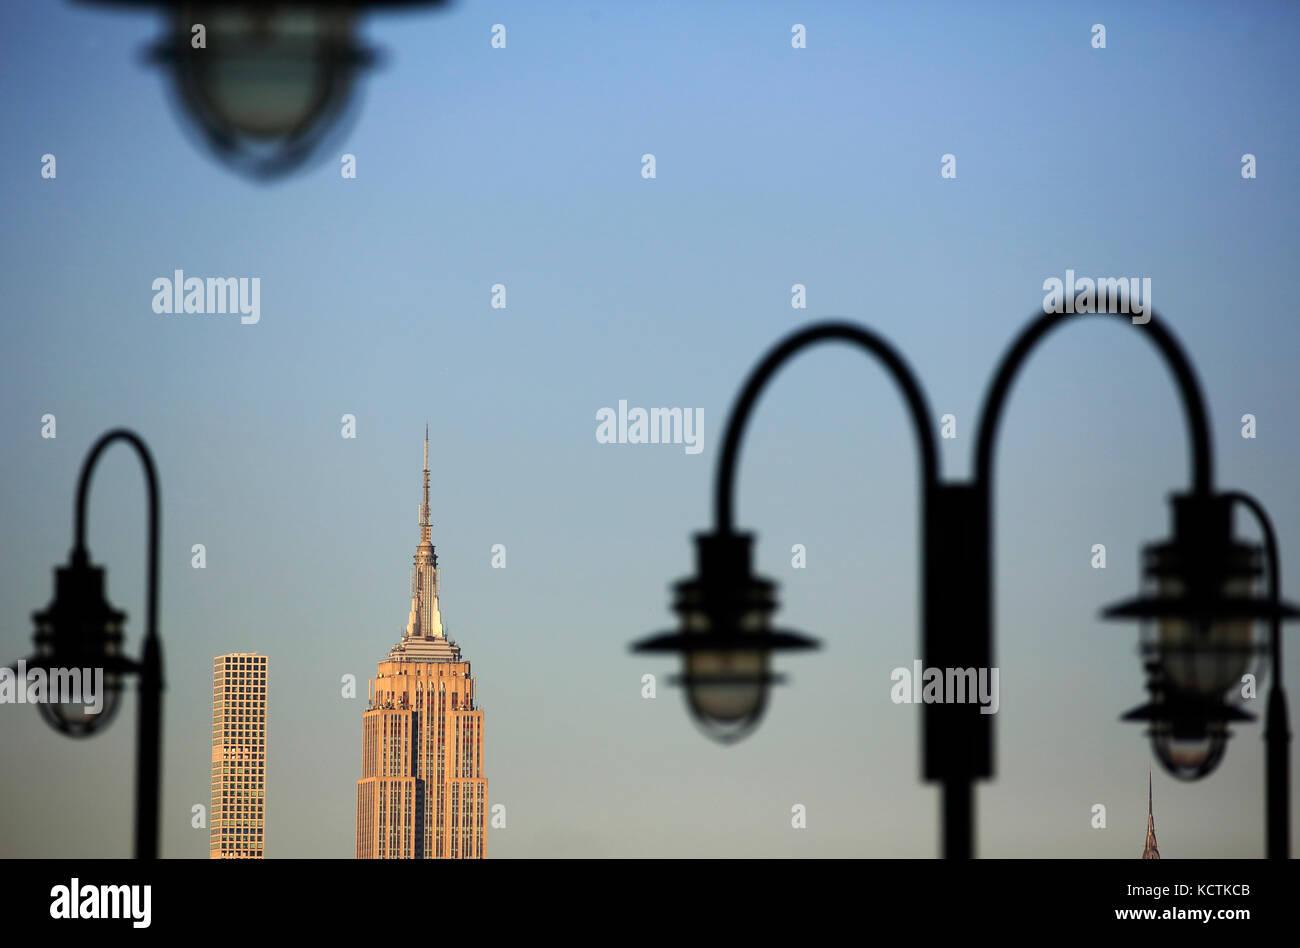 Empire State Building Et 432 Park Avenue Pans Par Lampadaires New